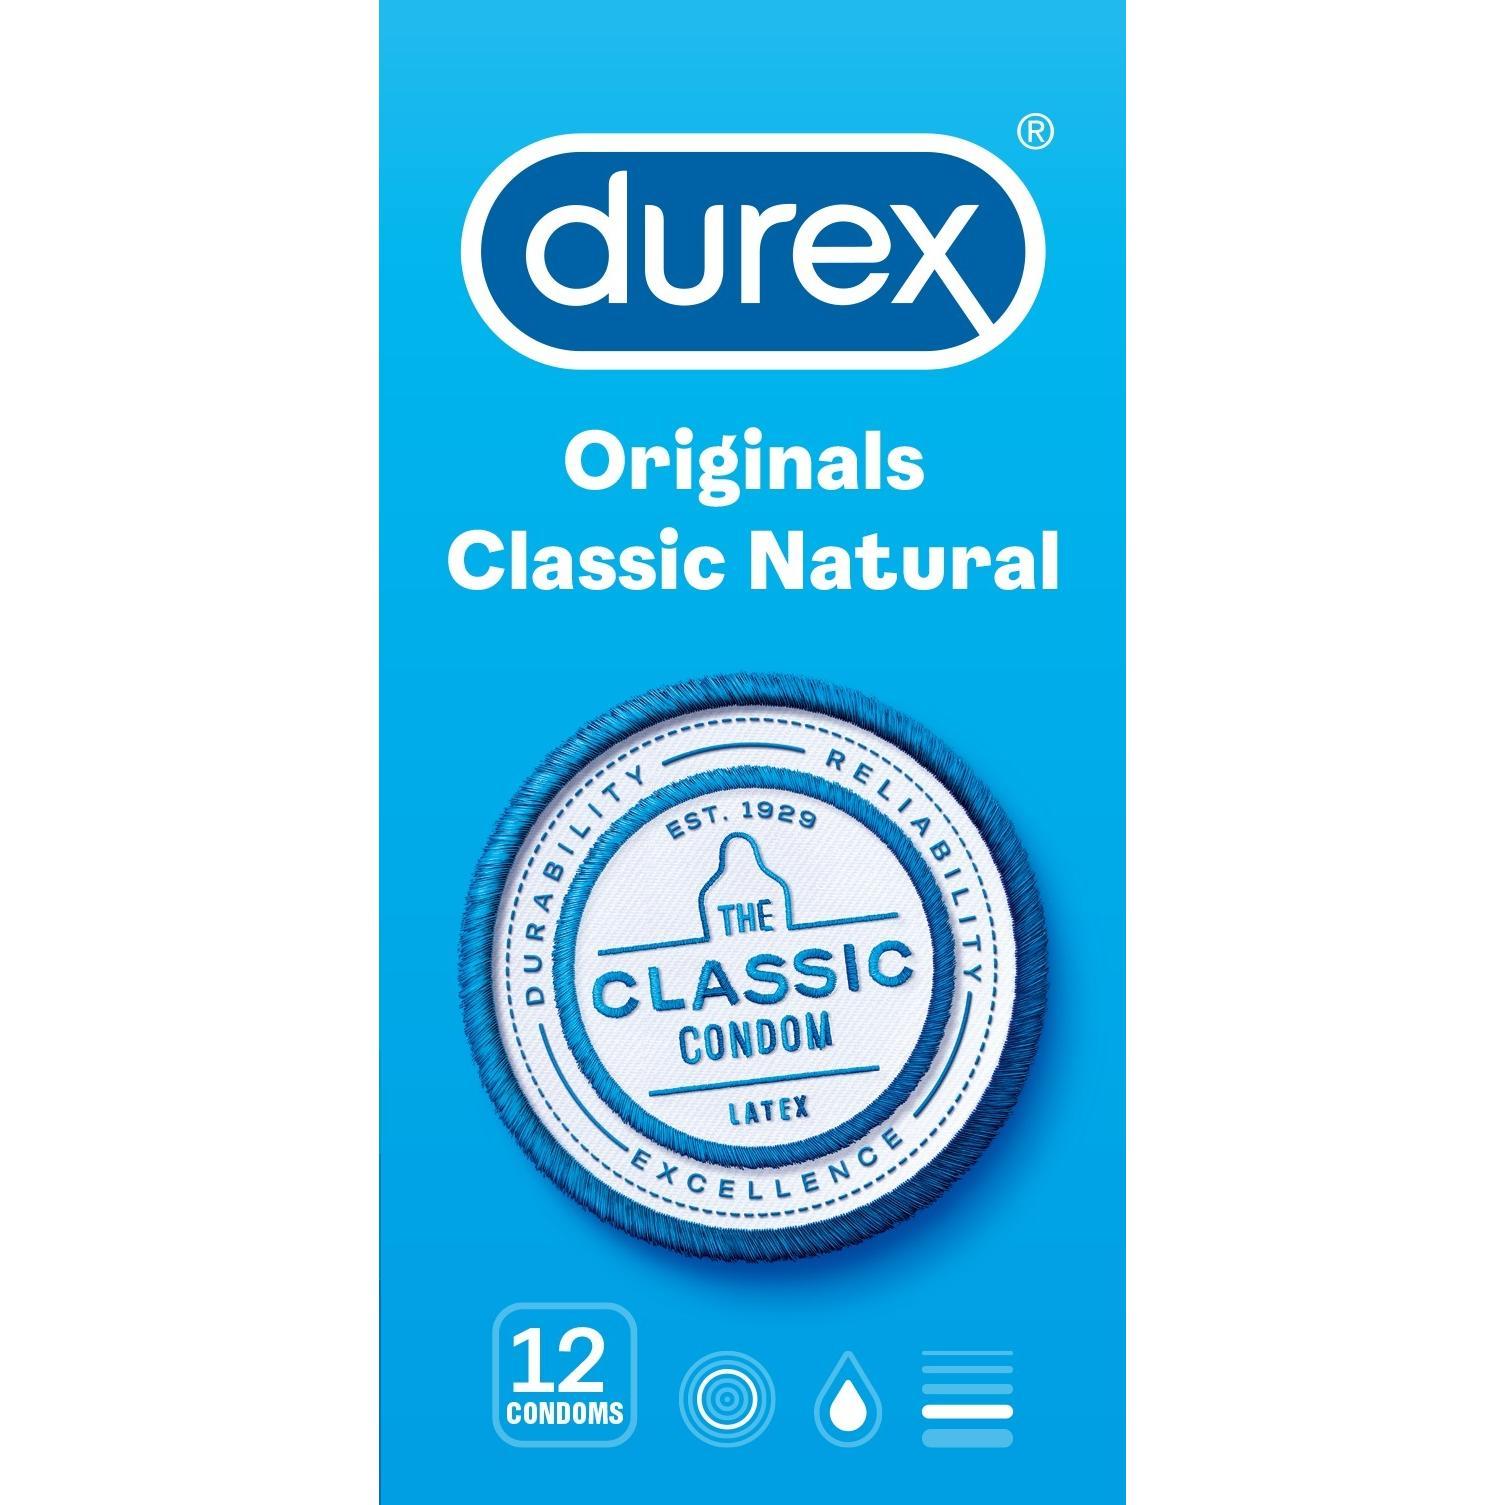 Image of Durex classic natural